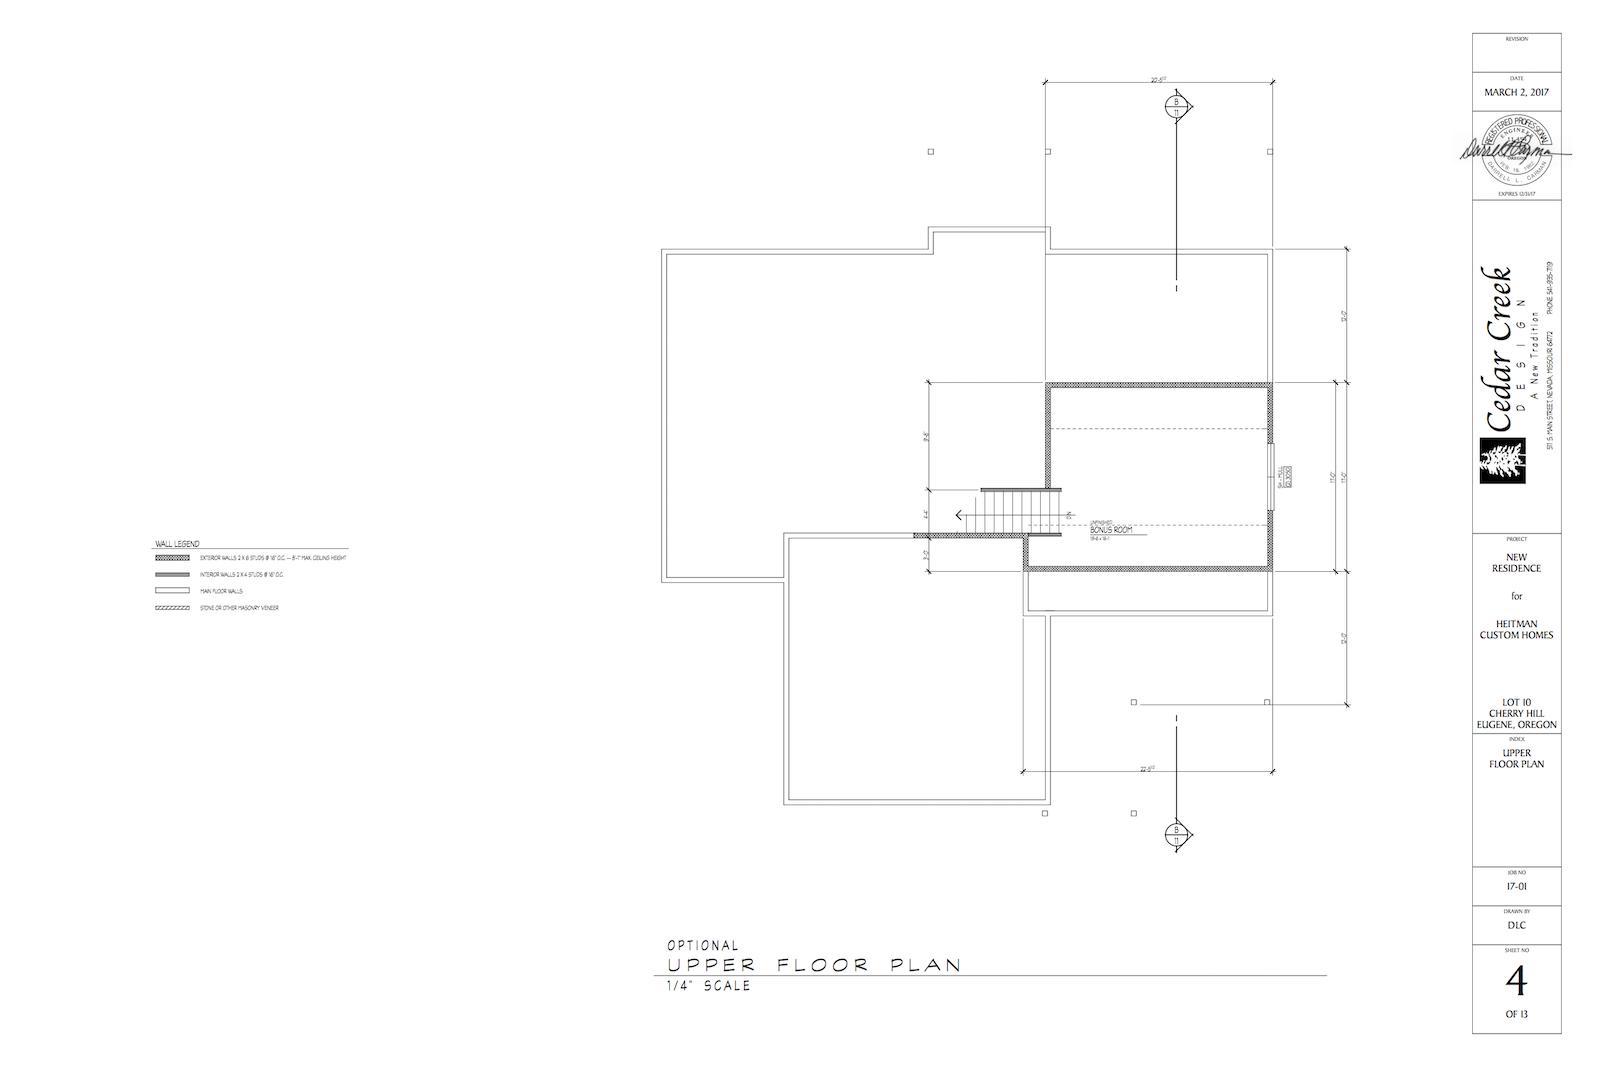 Floor Plan for Bonus Room